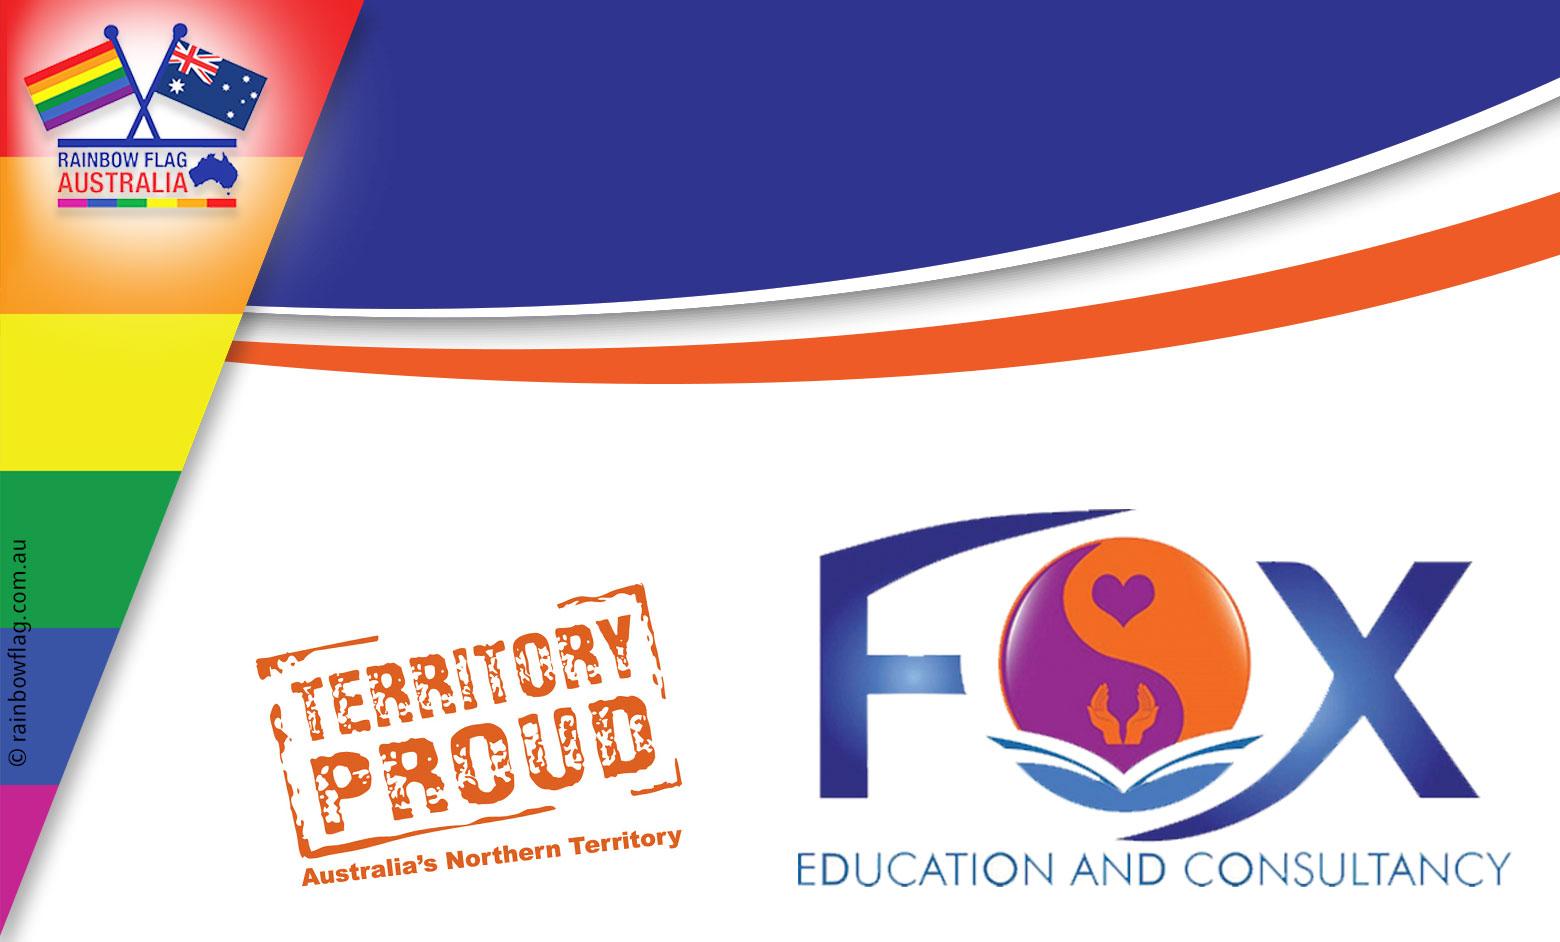 Fox Education & Consultancy